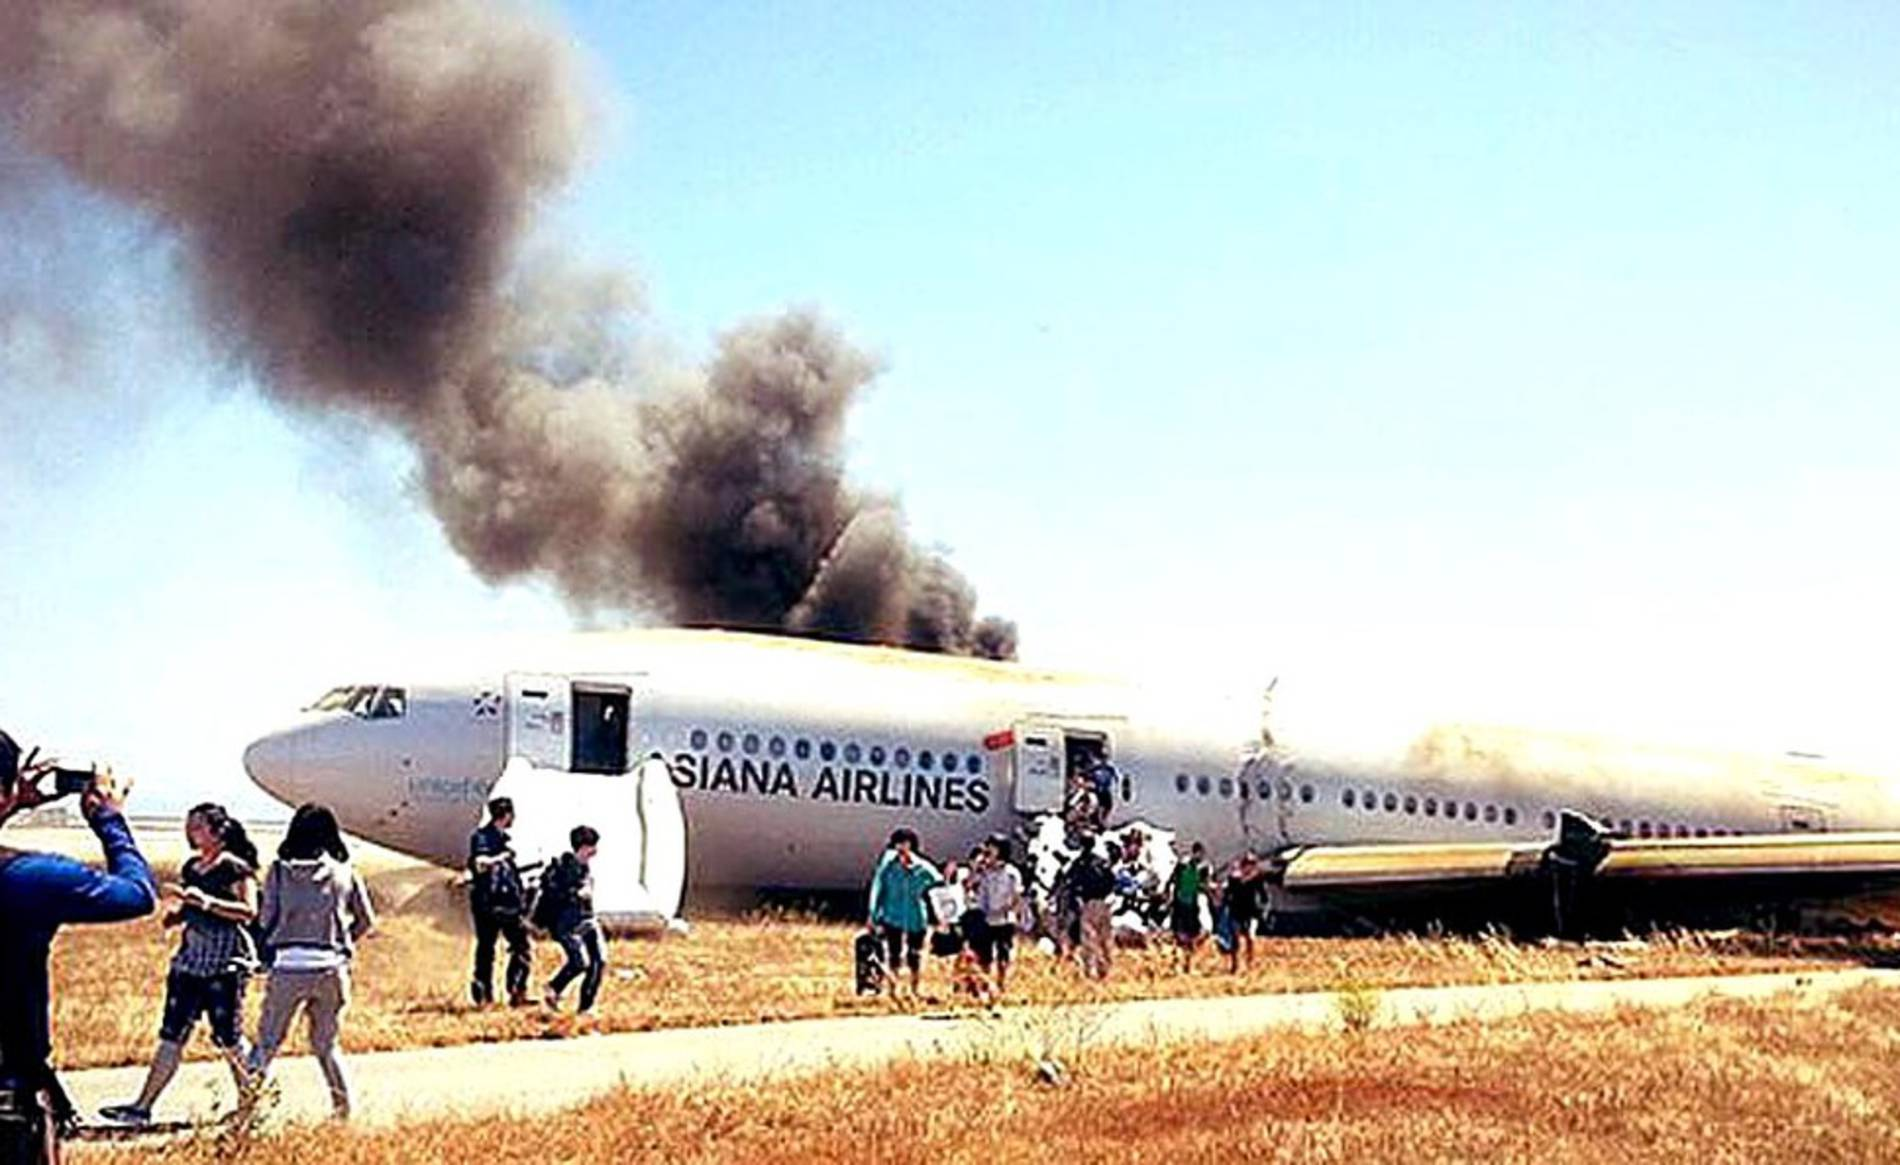 Accidente aéreo en San Francisco (1/11) - Dos muertos y 182 heridos en el accidente de un avión en San Francisco. El suceso se produjo cuando la aeronave se disponía a aterrizar. - Internacional -